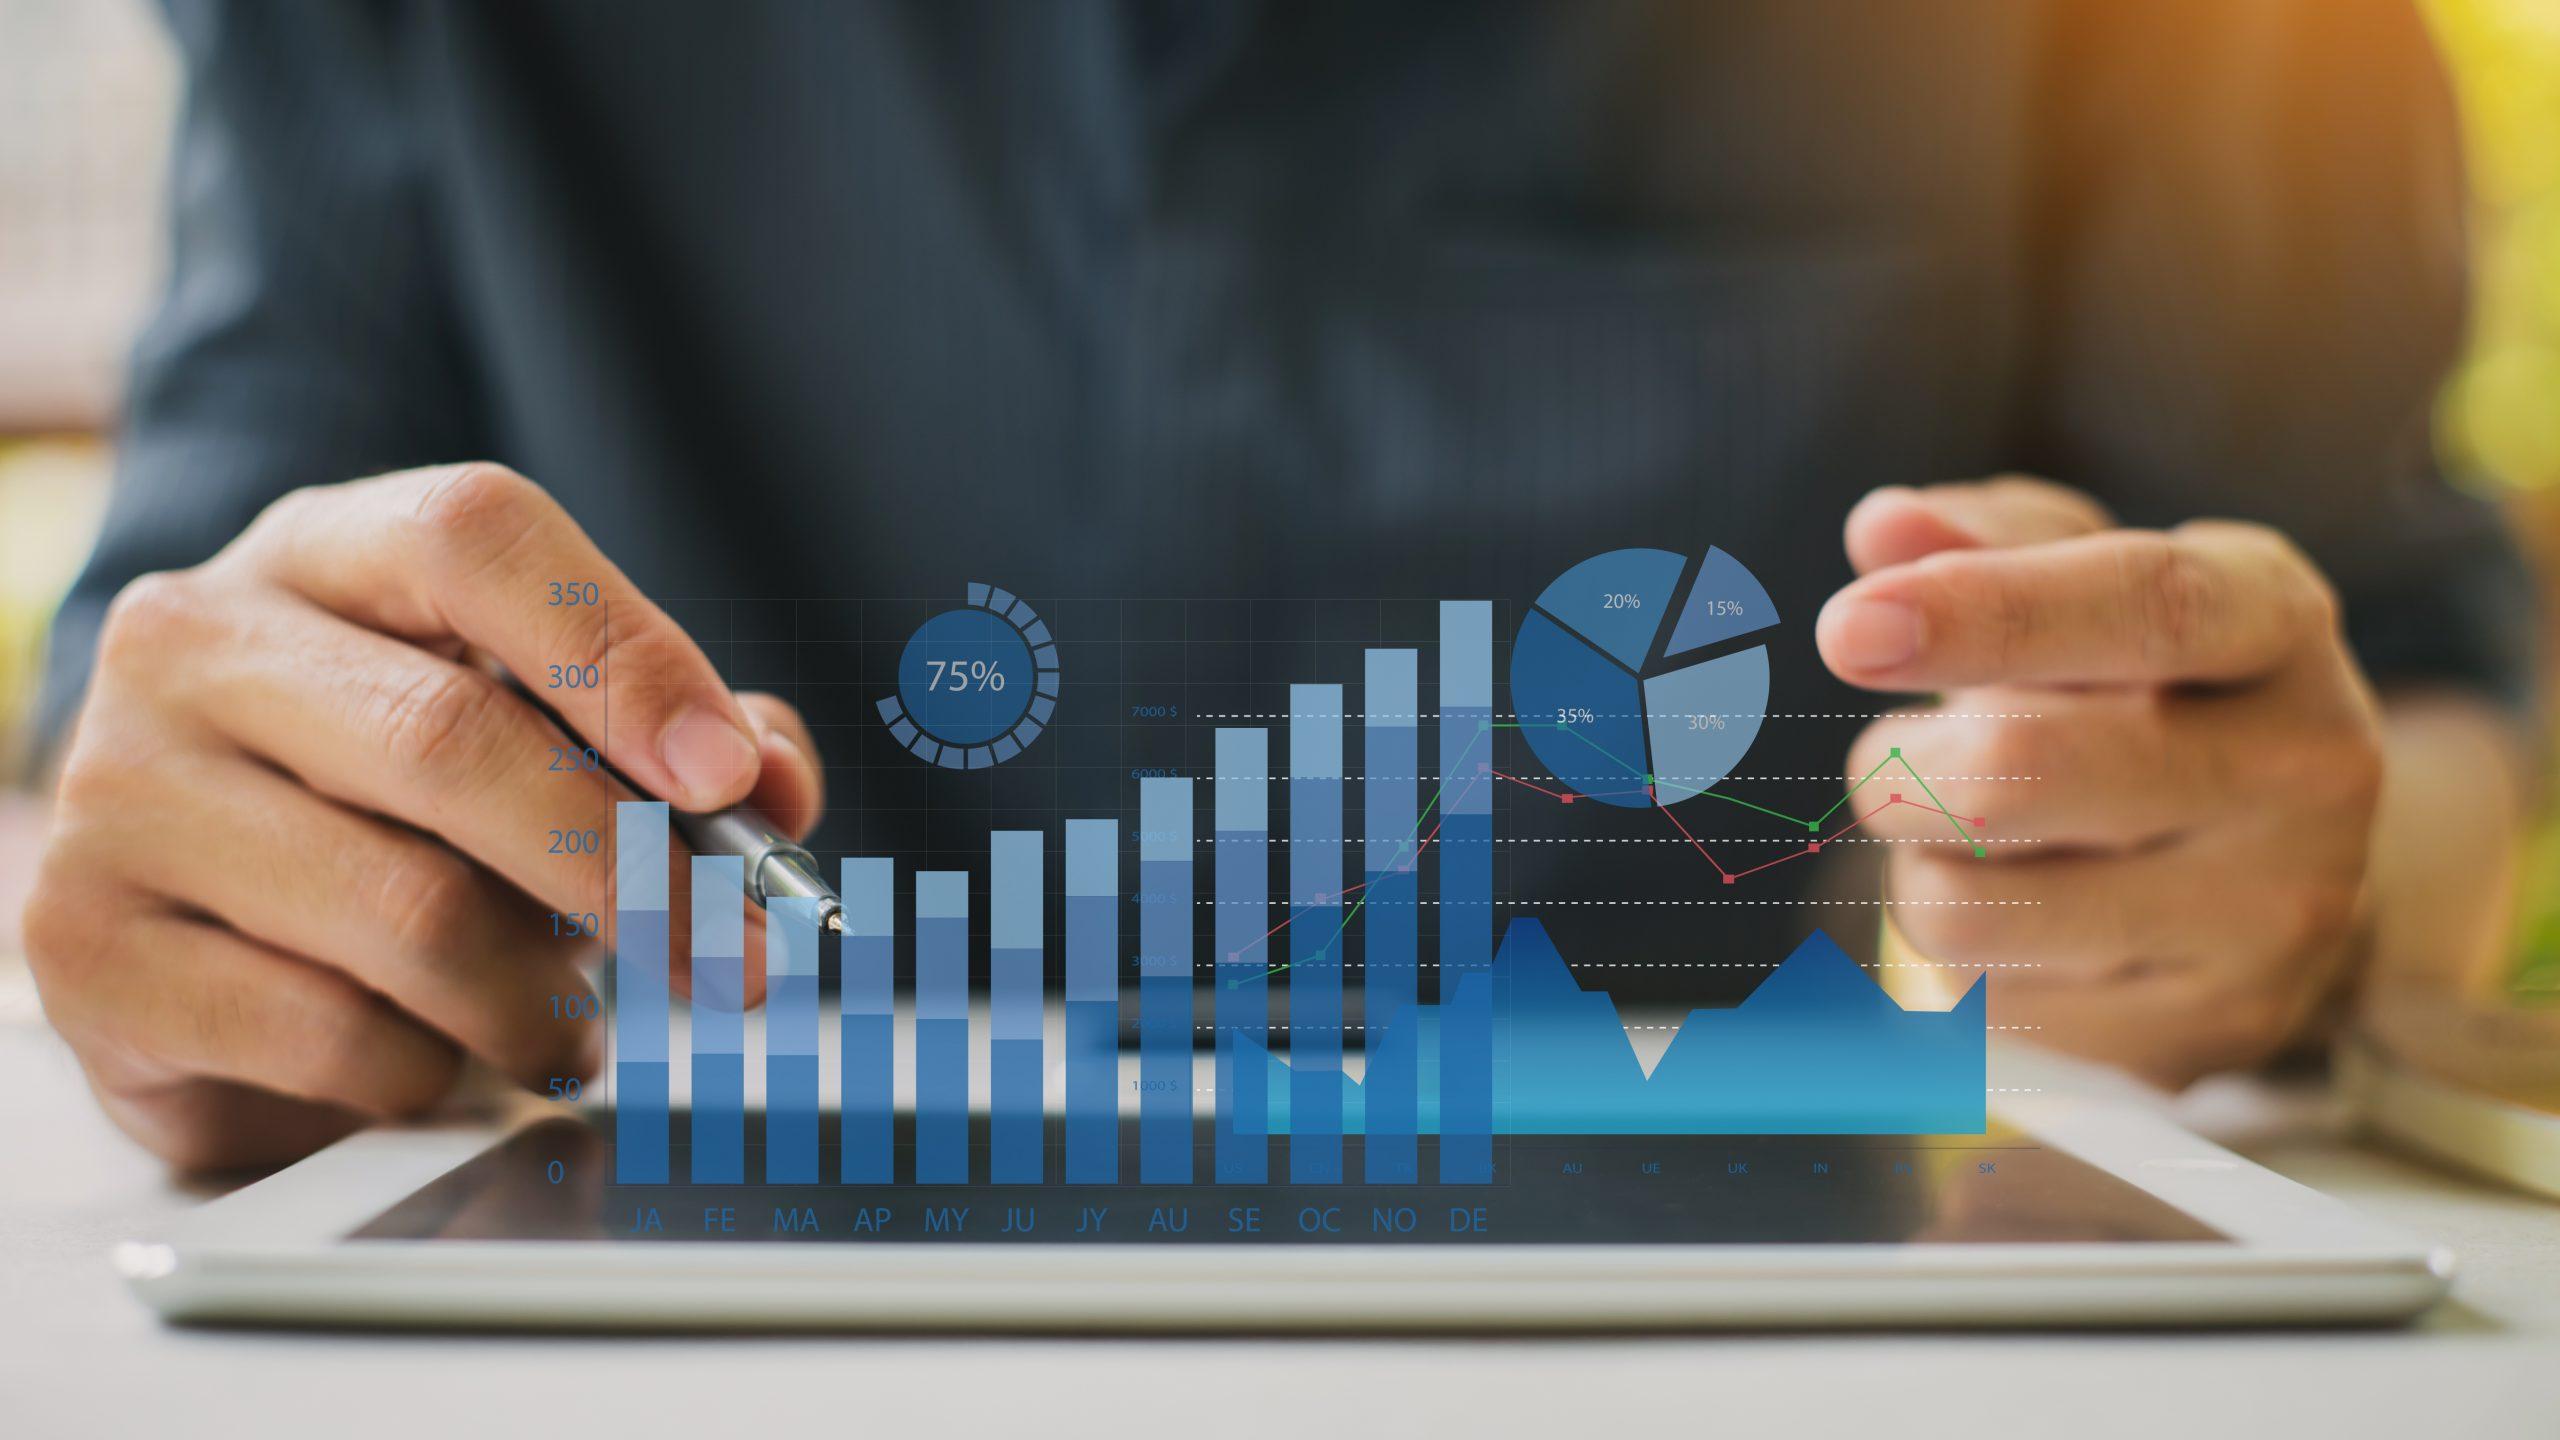 Comment augmenter les ventes de son site e-commerce ?